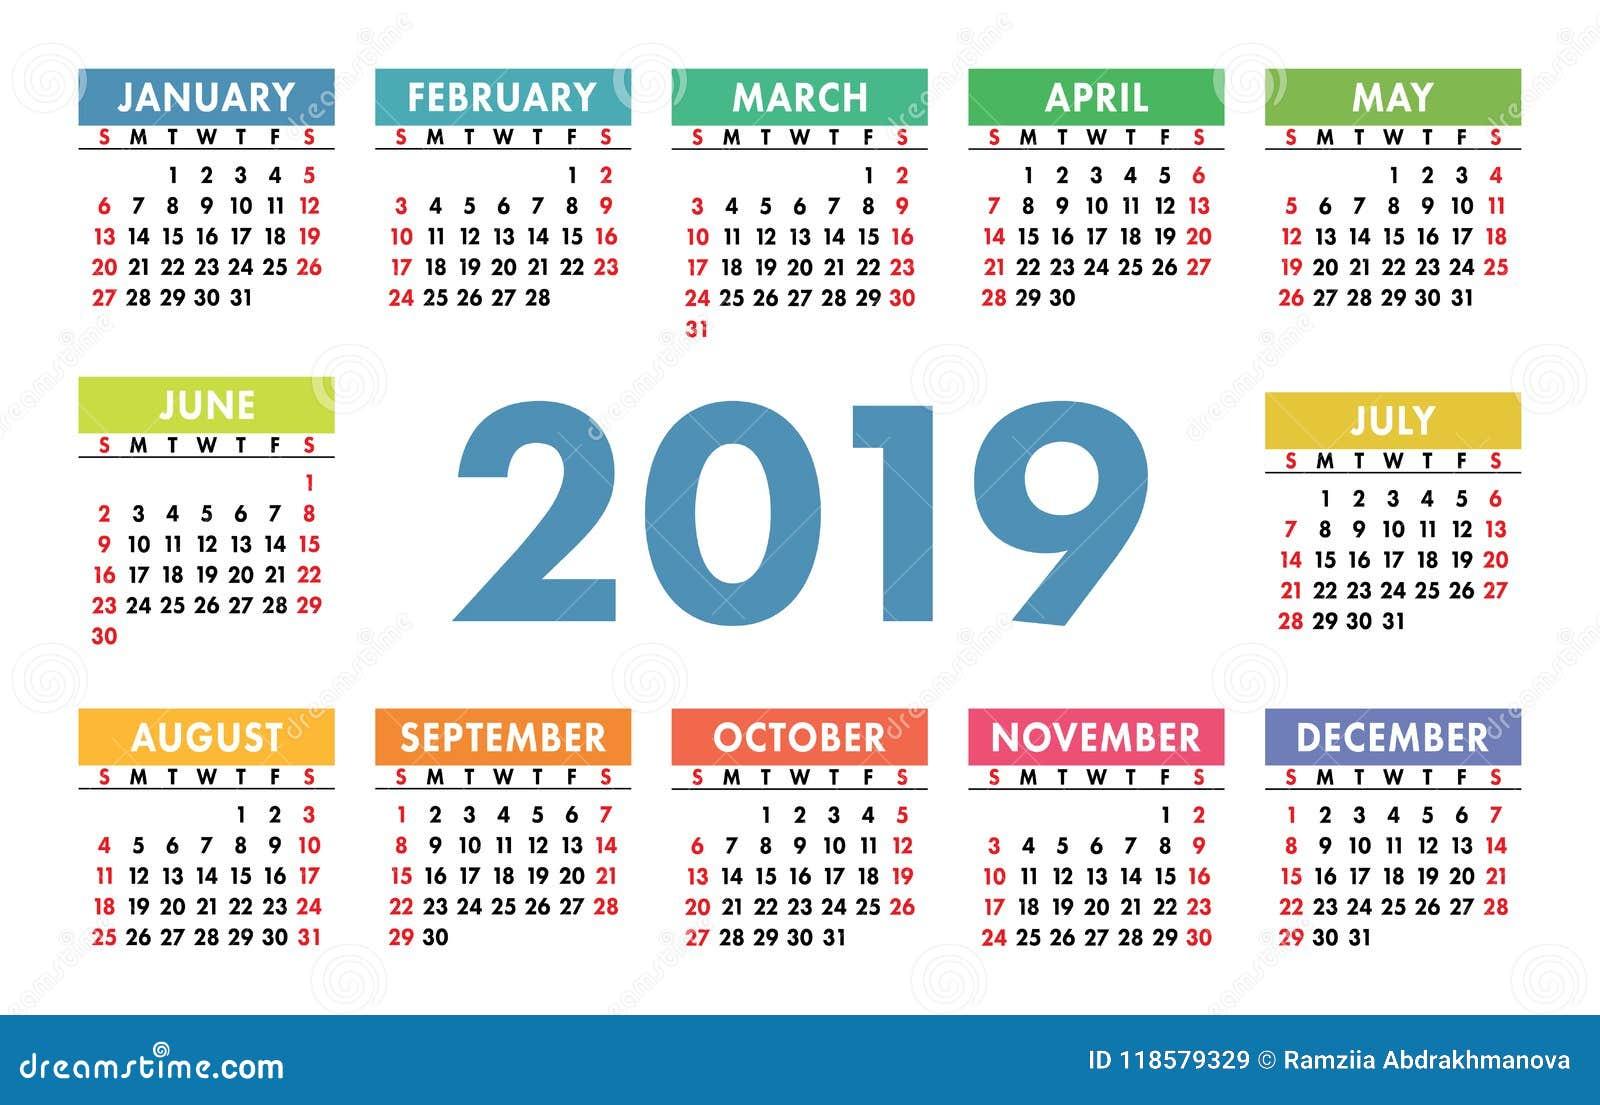 Calendario 2019 English.Calendar 2019 Vector Template English Calender Colorful